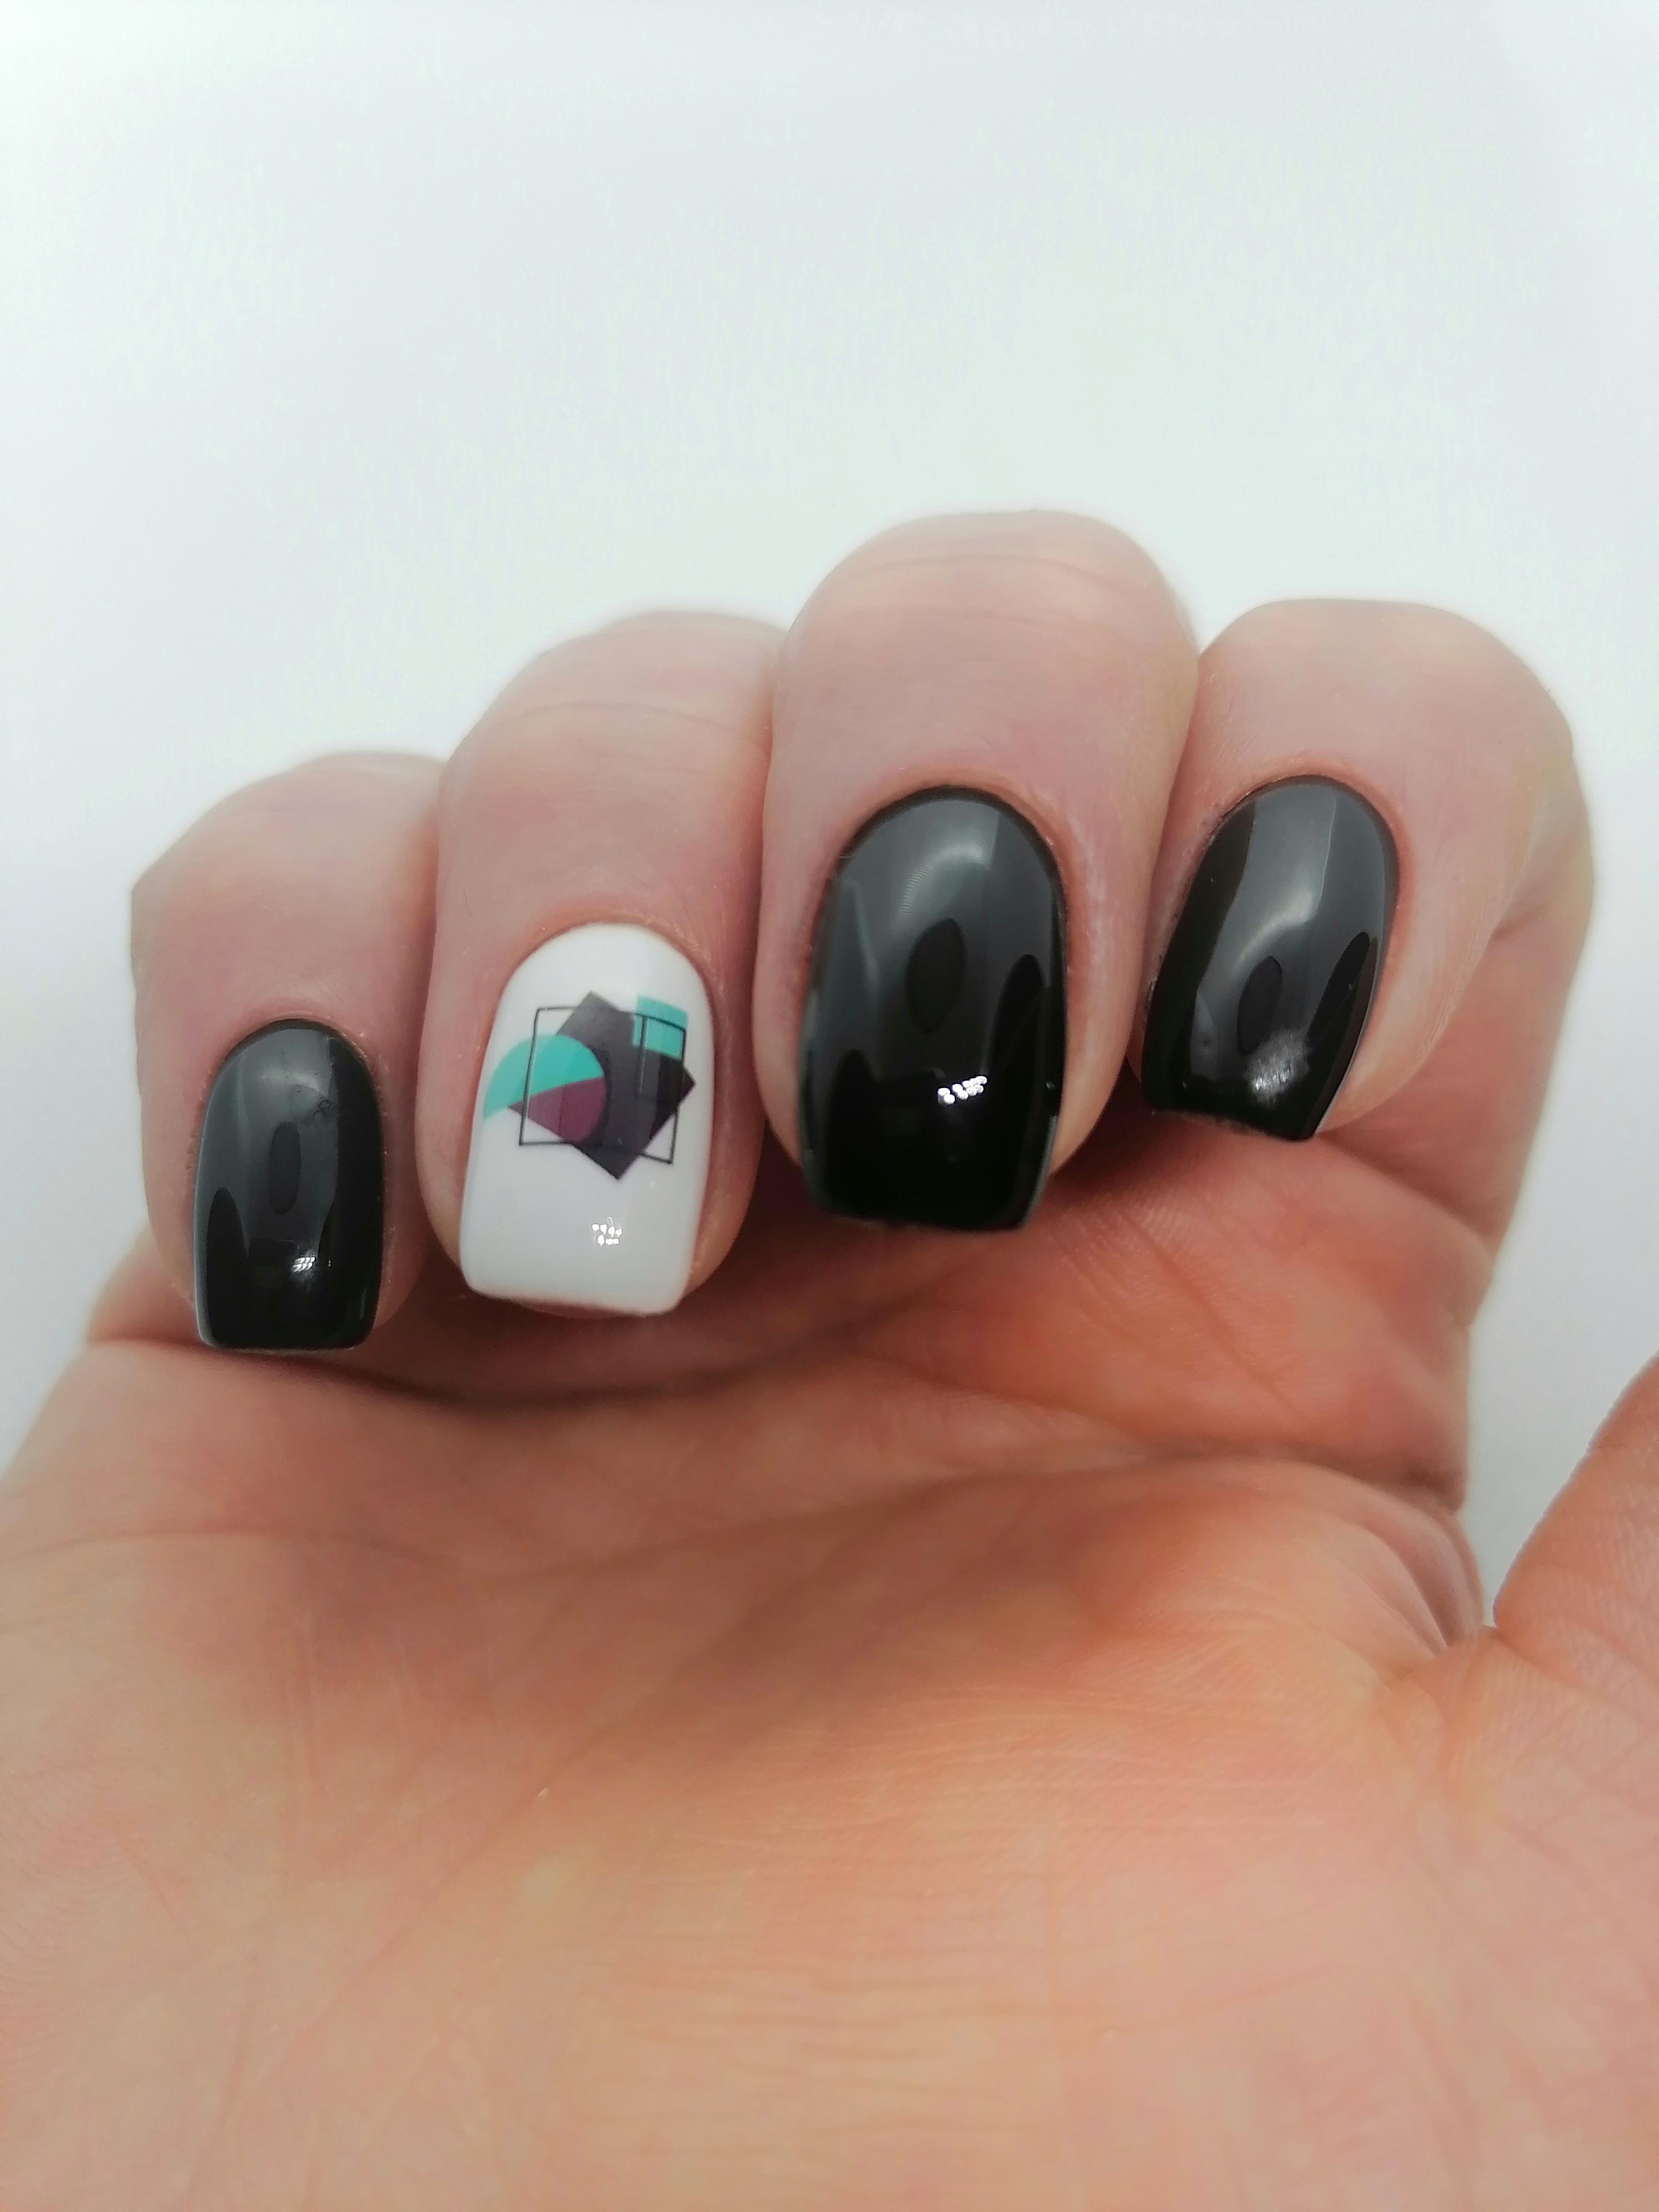 Маникюр с геометрическим слайдером в черном цвете на длинные ногти.